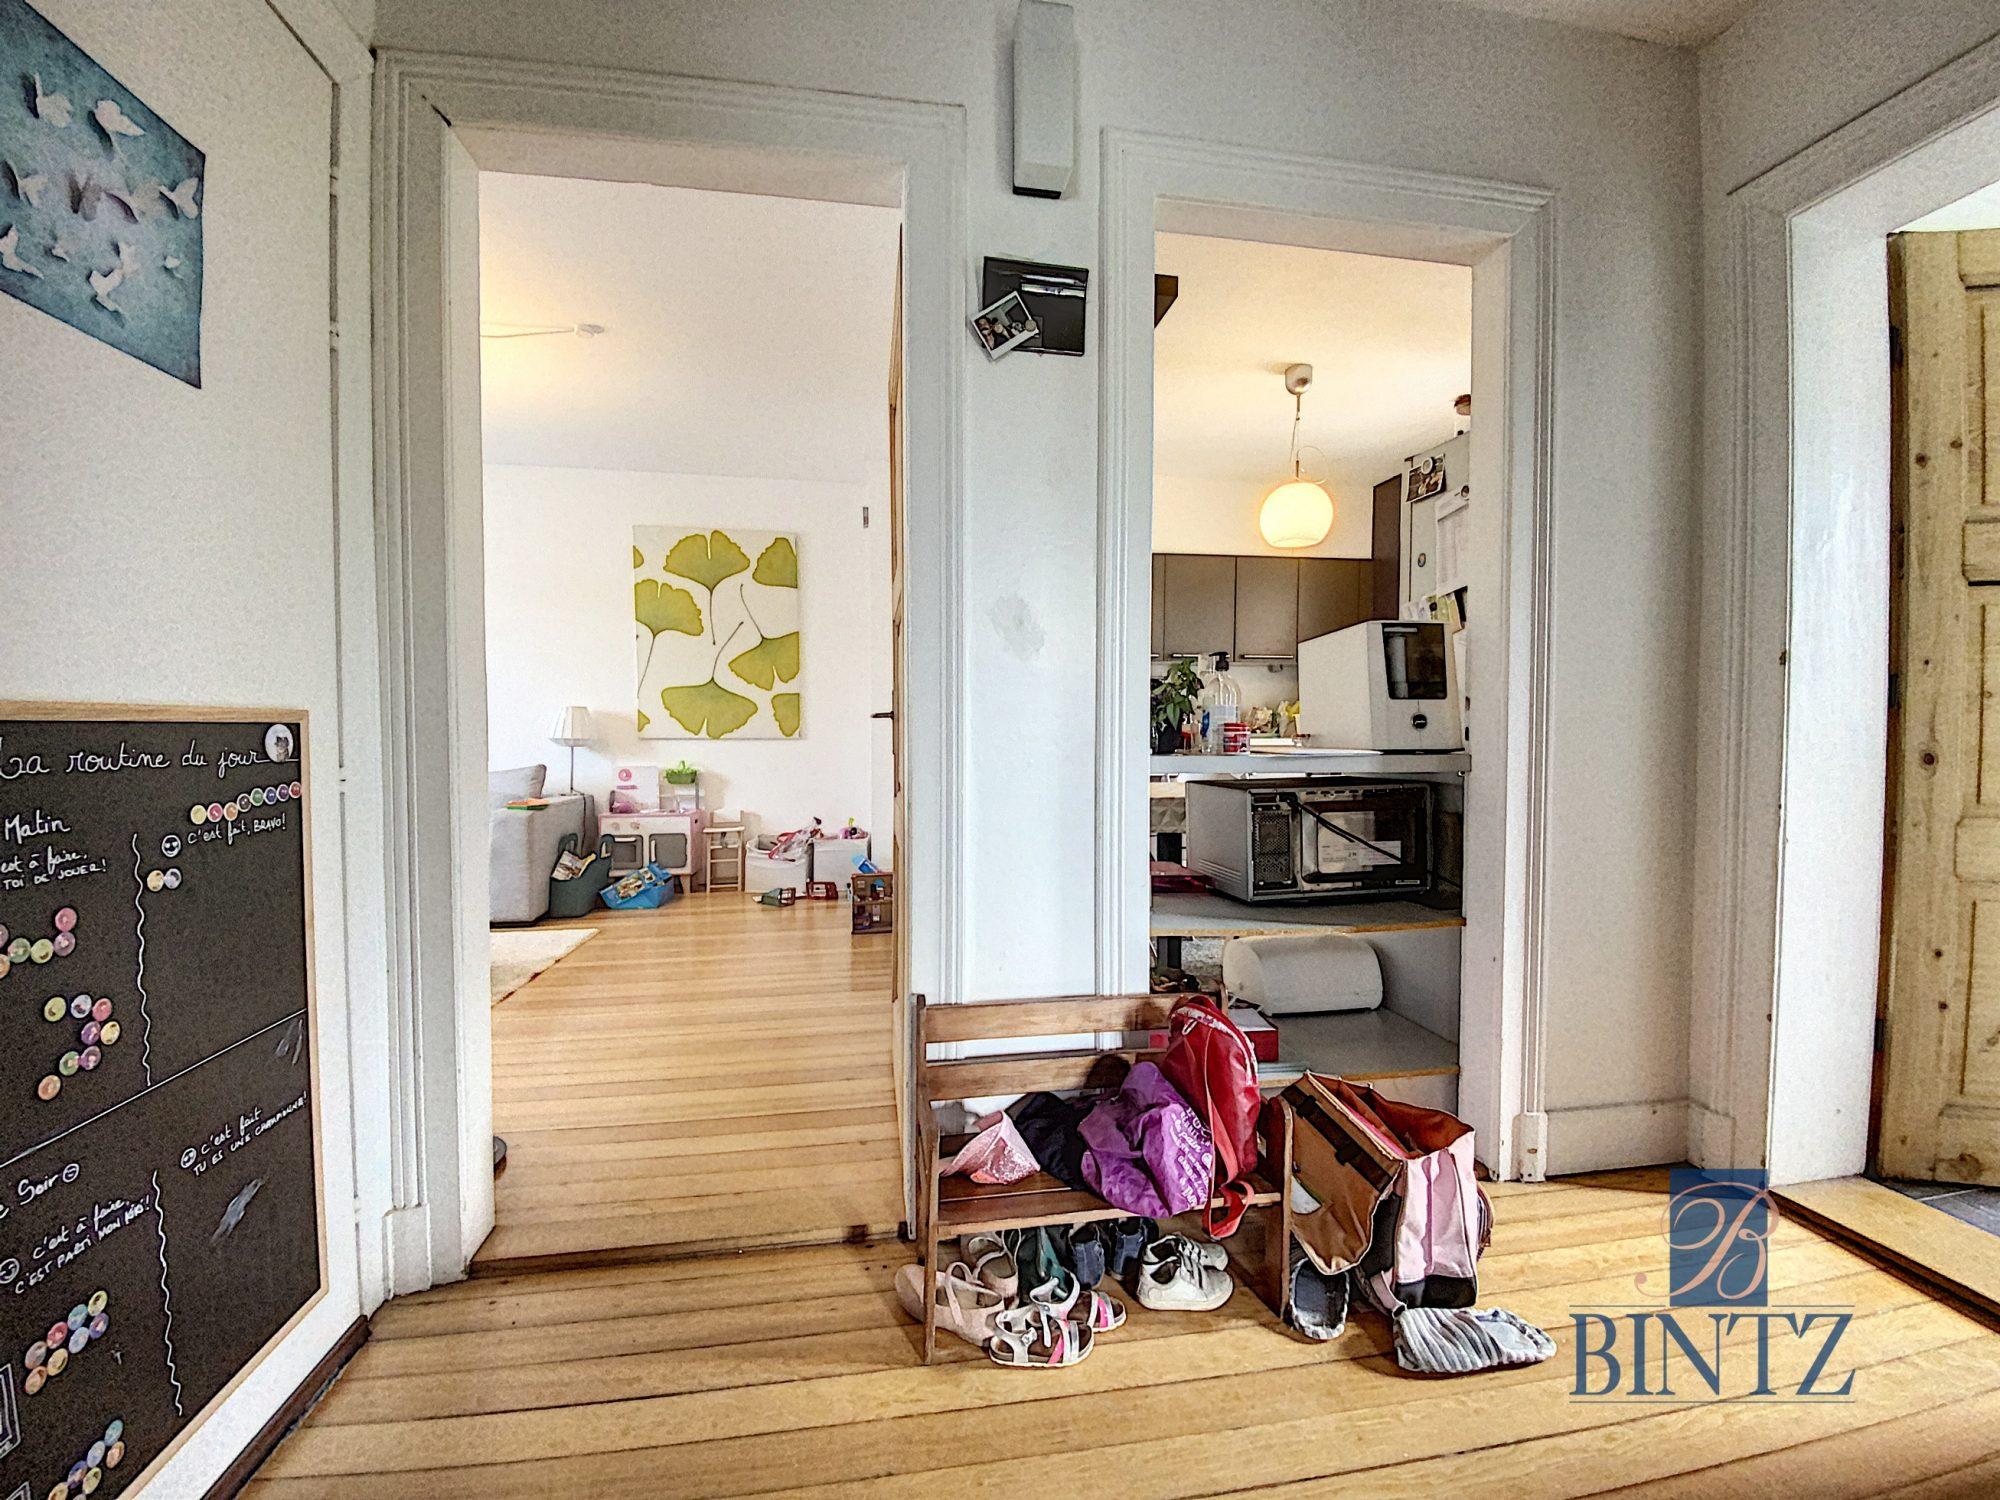 3 pièces avec terrasse à la Robertsau - Devenez propriétaire en toute confiance - Bintz Immobilier - 7